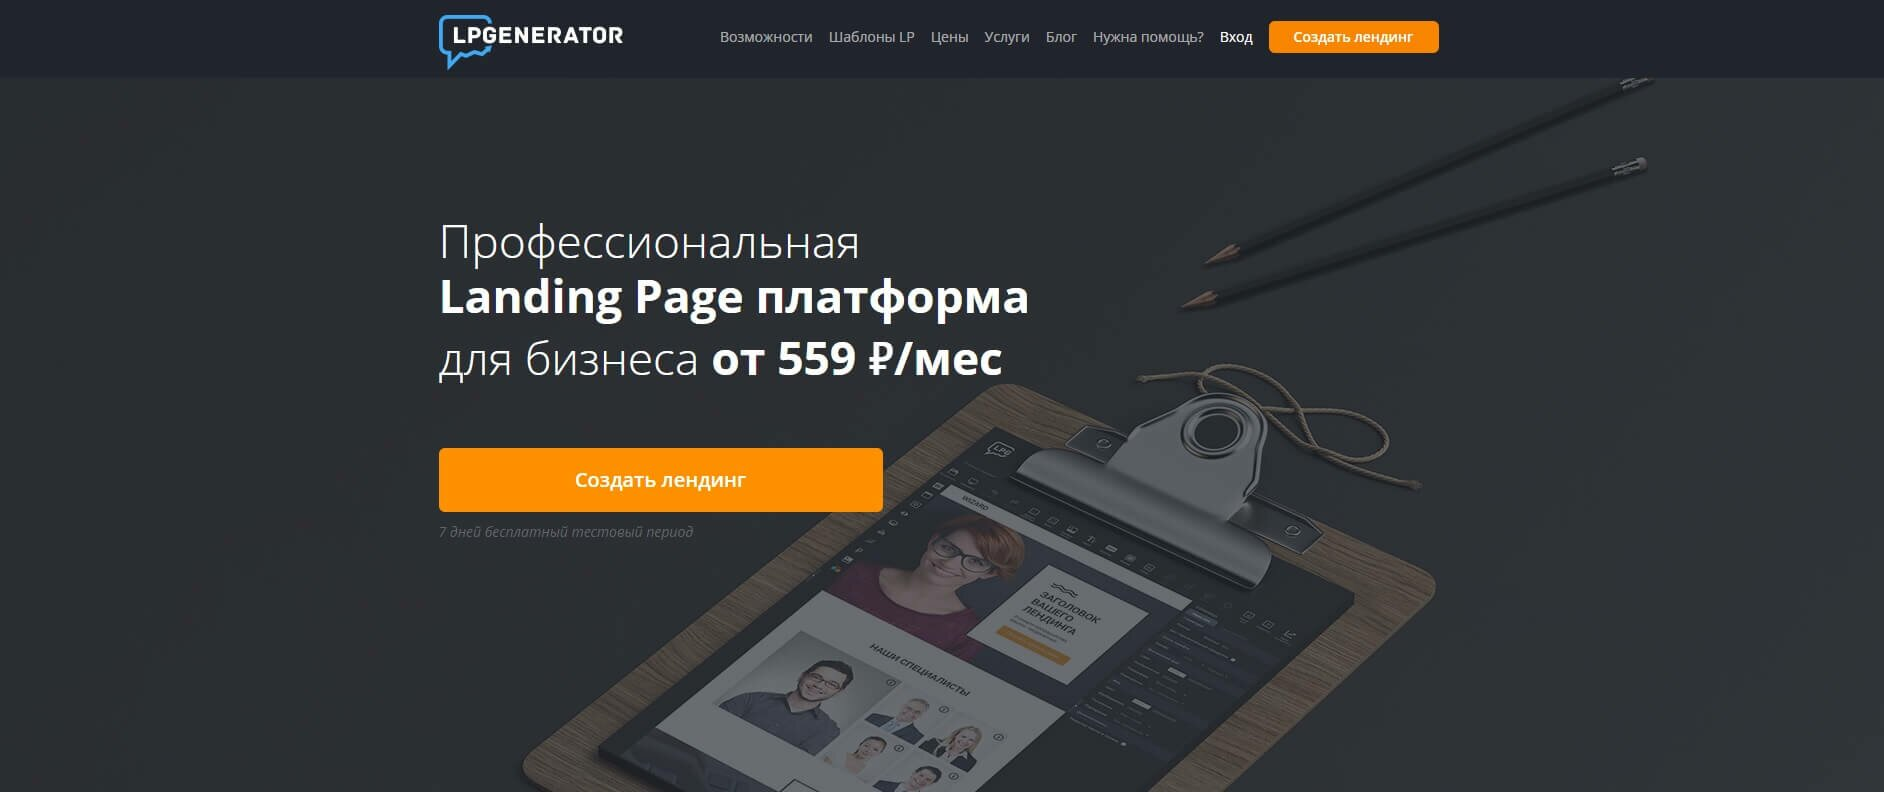 Создание сайтов на платформе LPgenerator